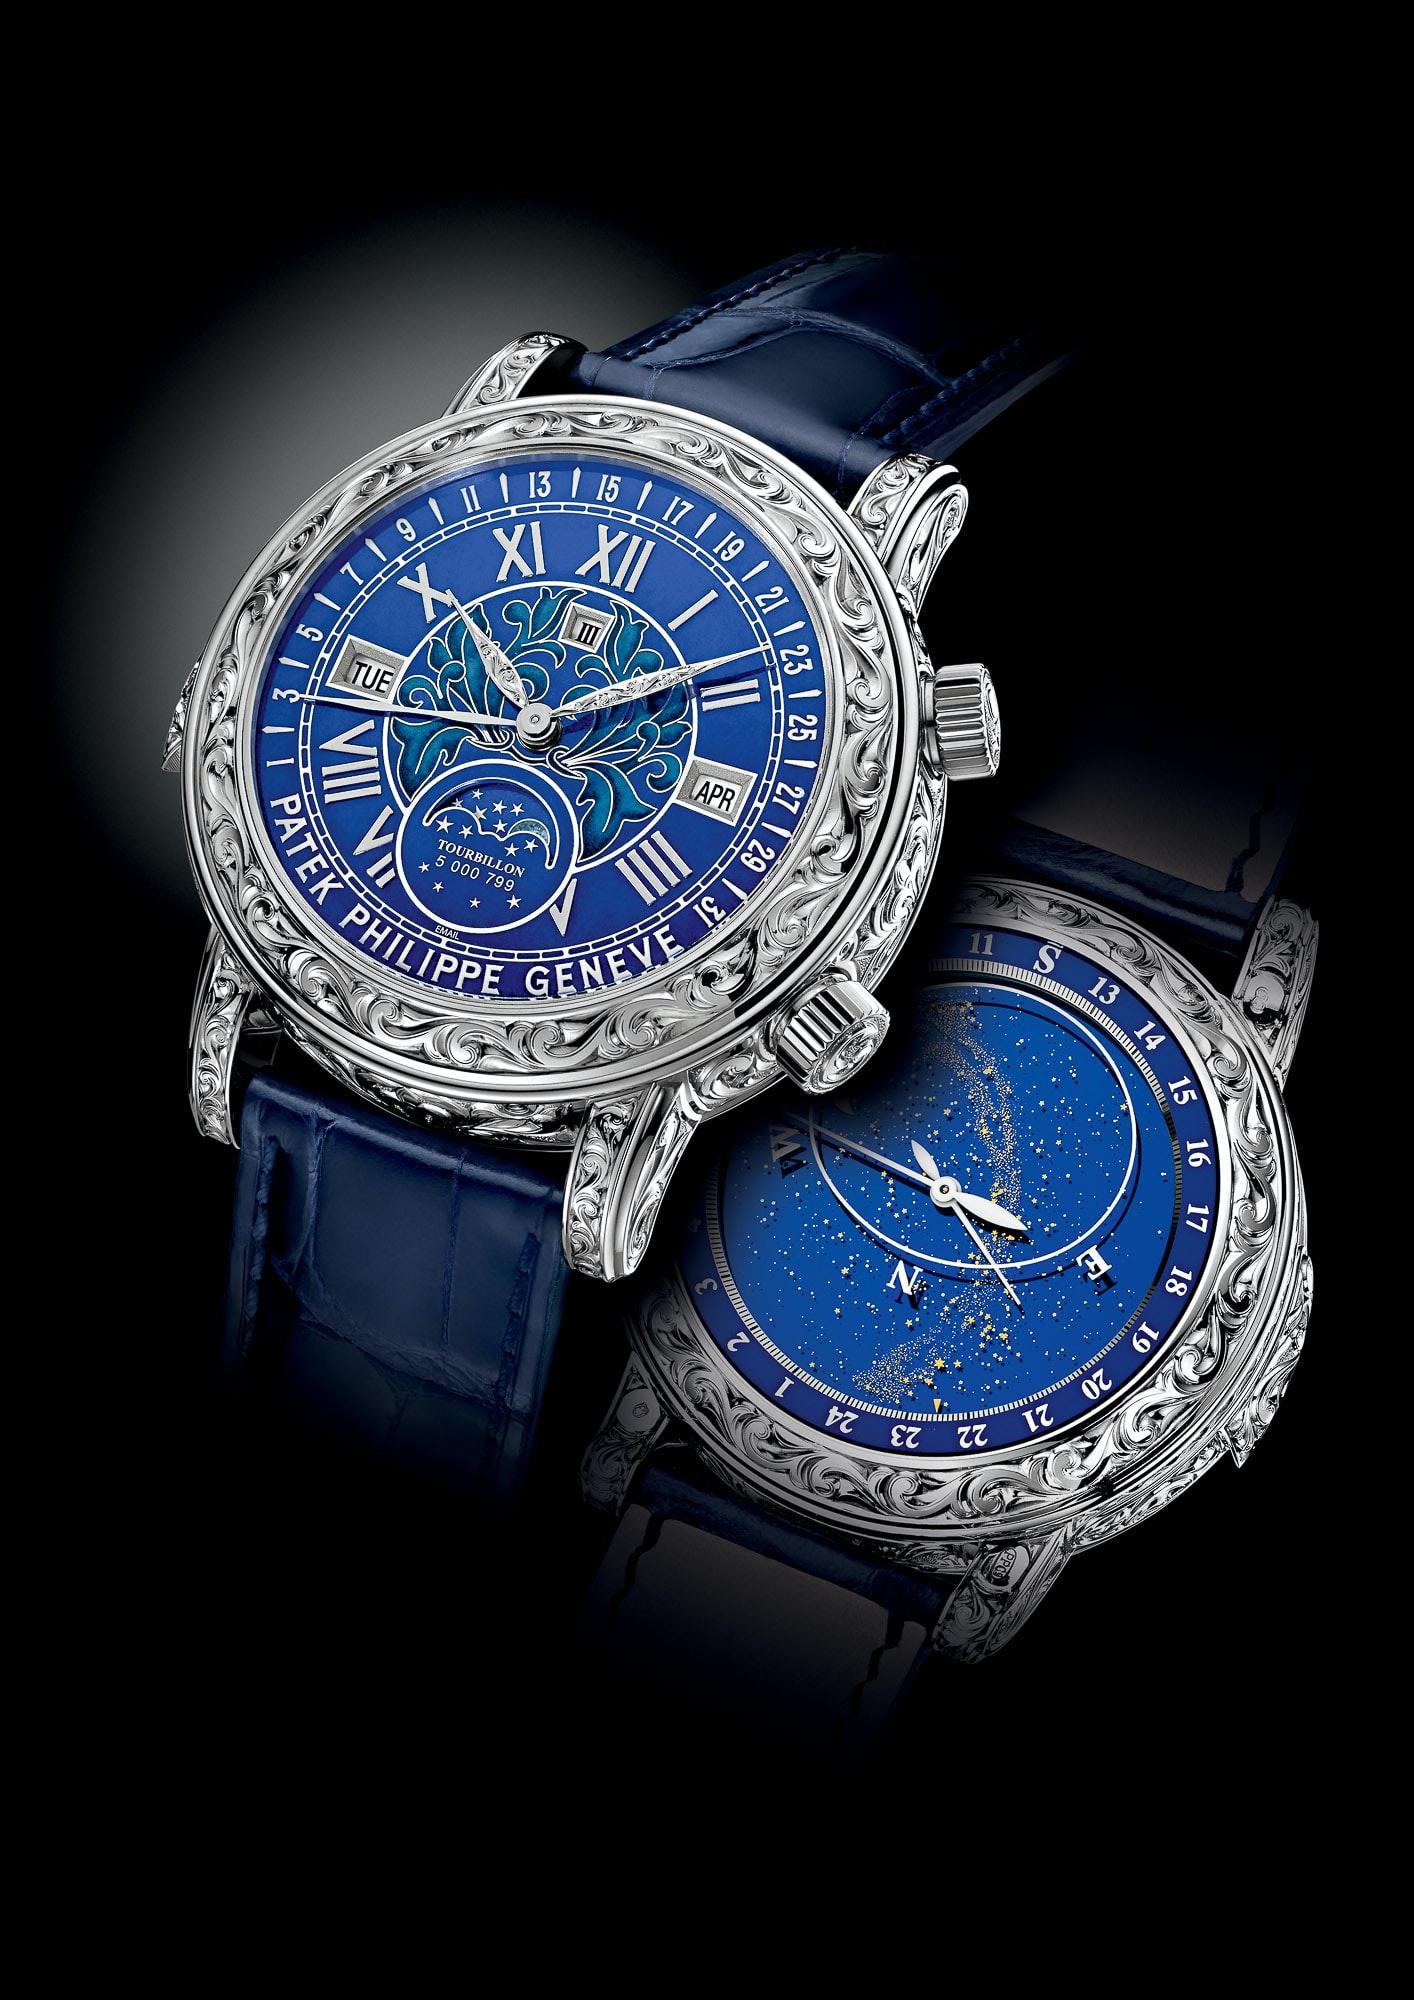 лет достаточно часы patek philippe оригинал цена самые дорогие роль